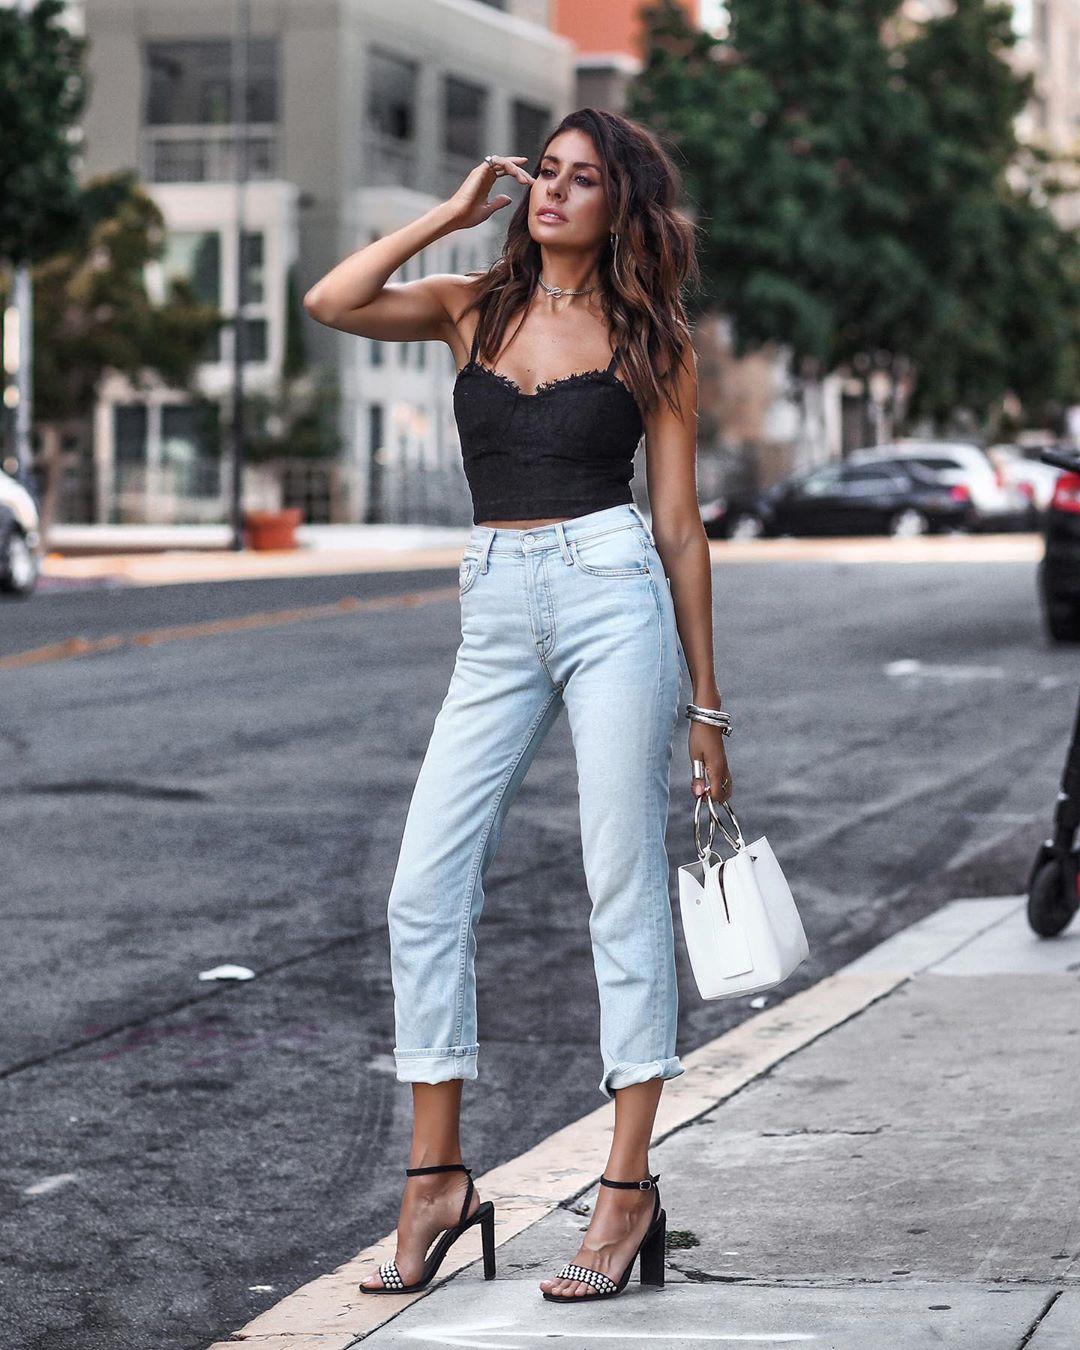 джинсы с высокой талией фото 8